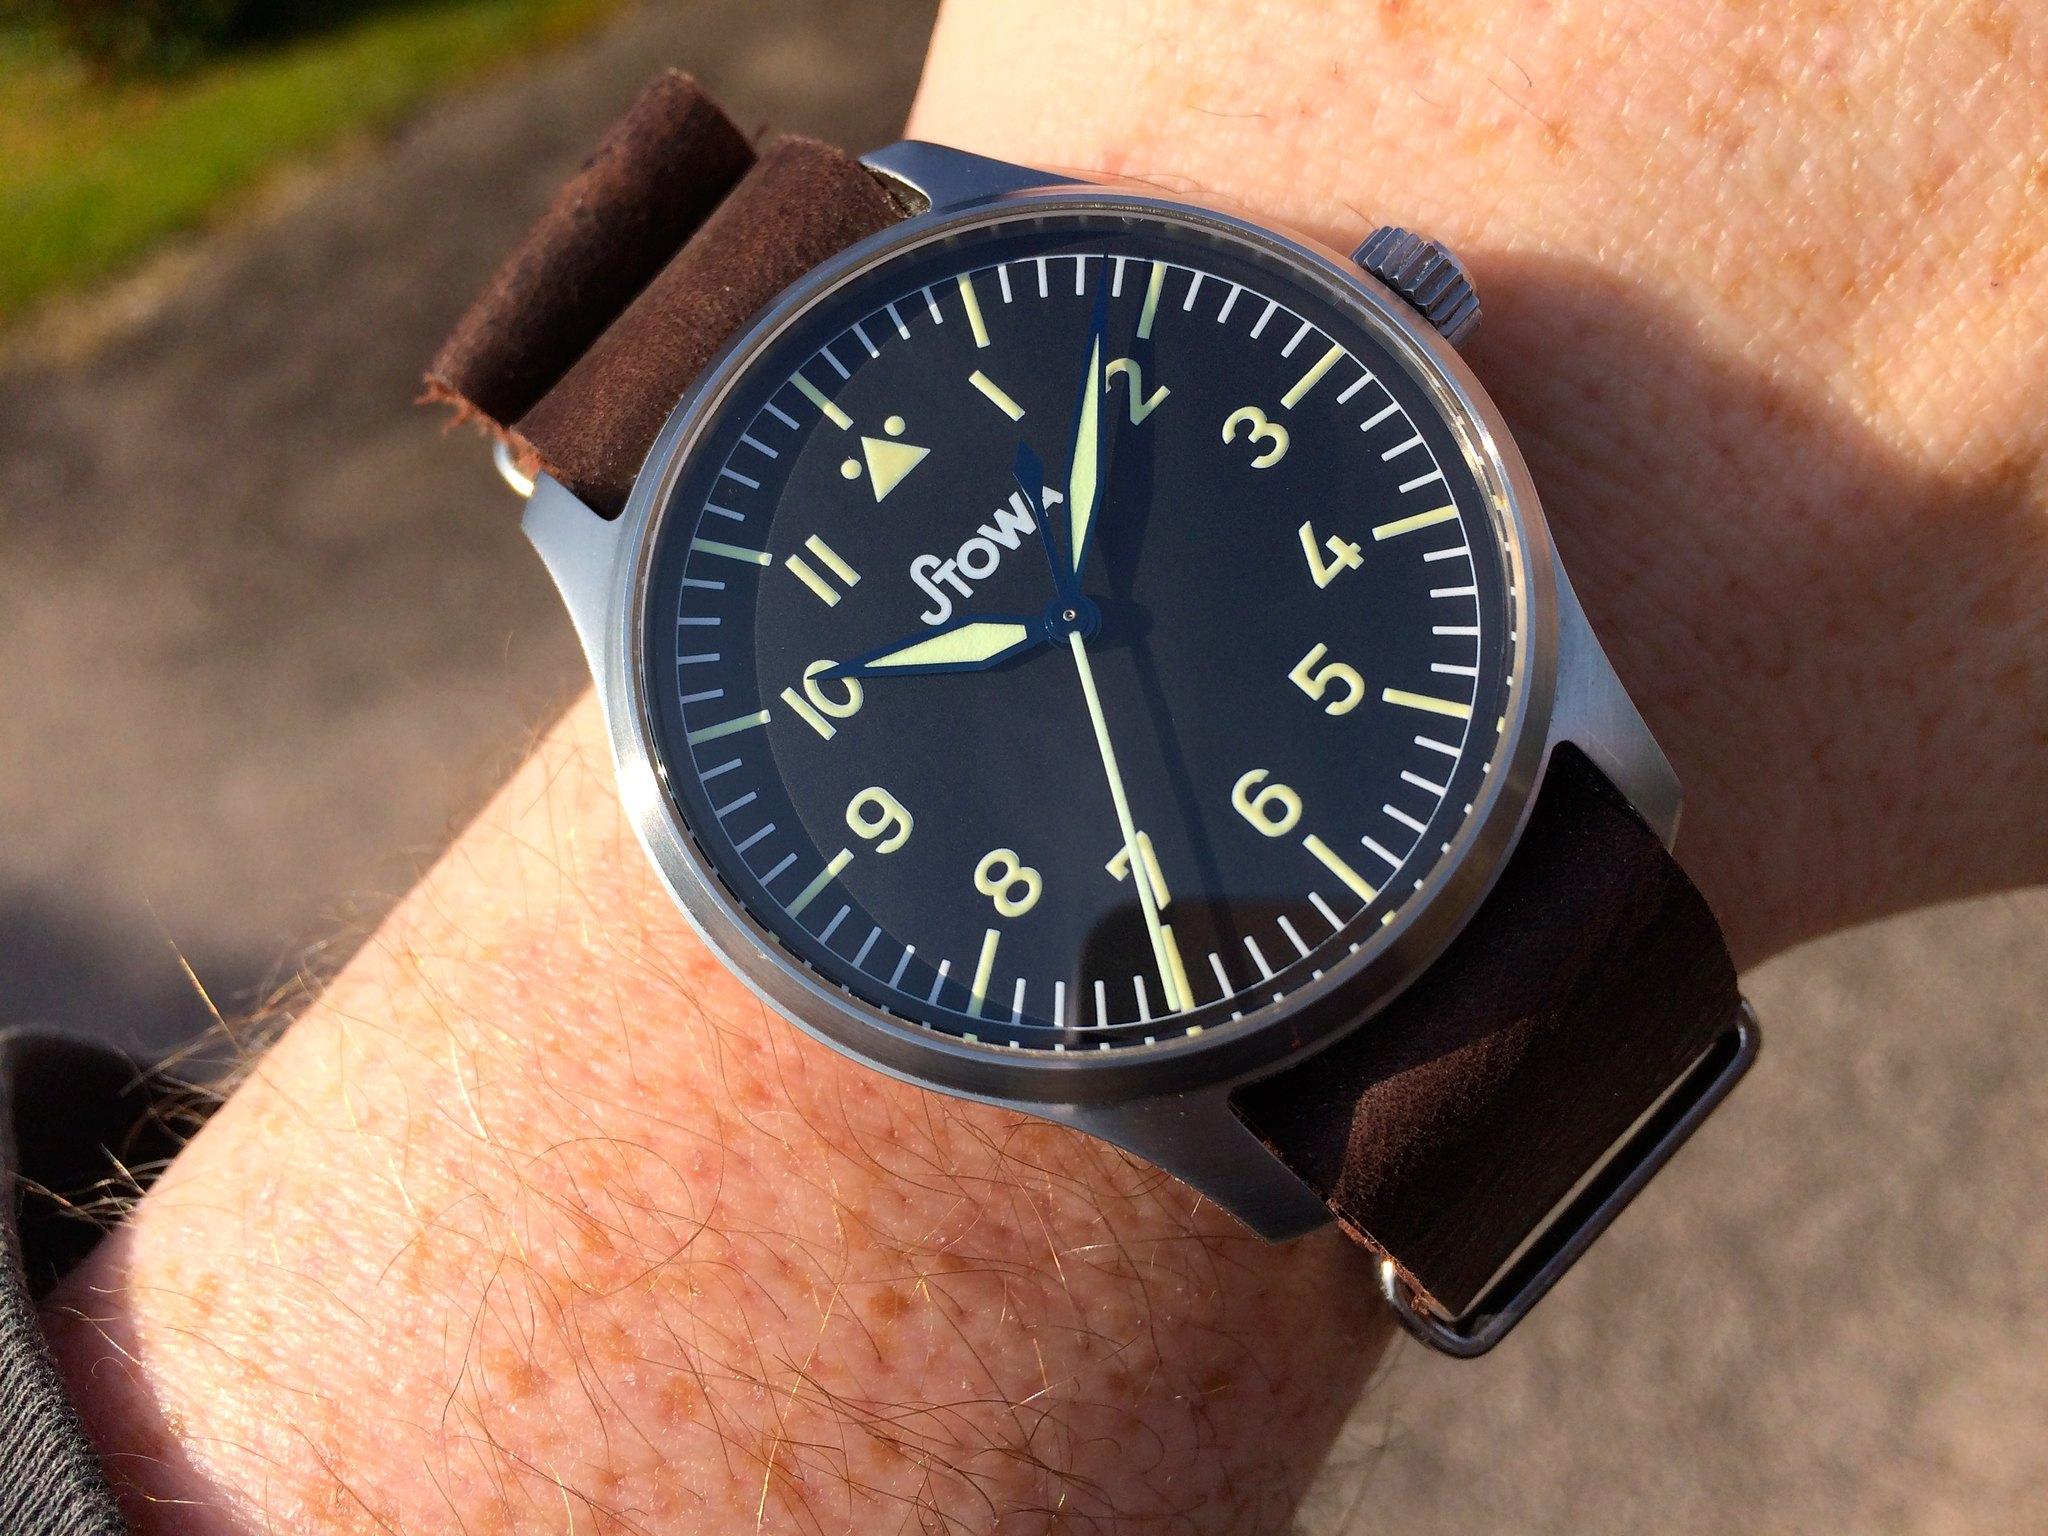 Quelle est votre plus belle conquête horlogère ? (Avec photo !)  - Page 2 13946443014_3666d4f934_k